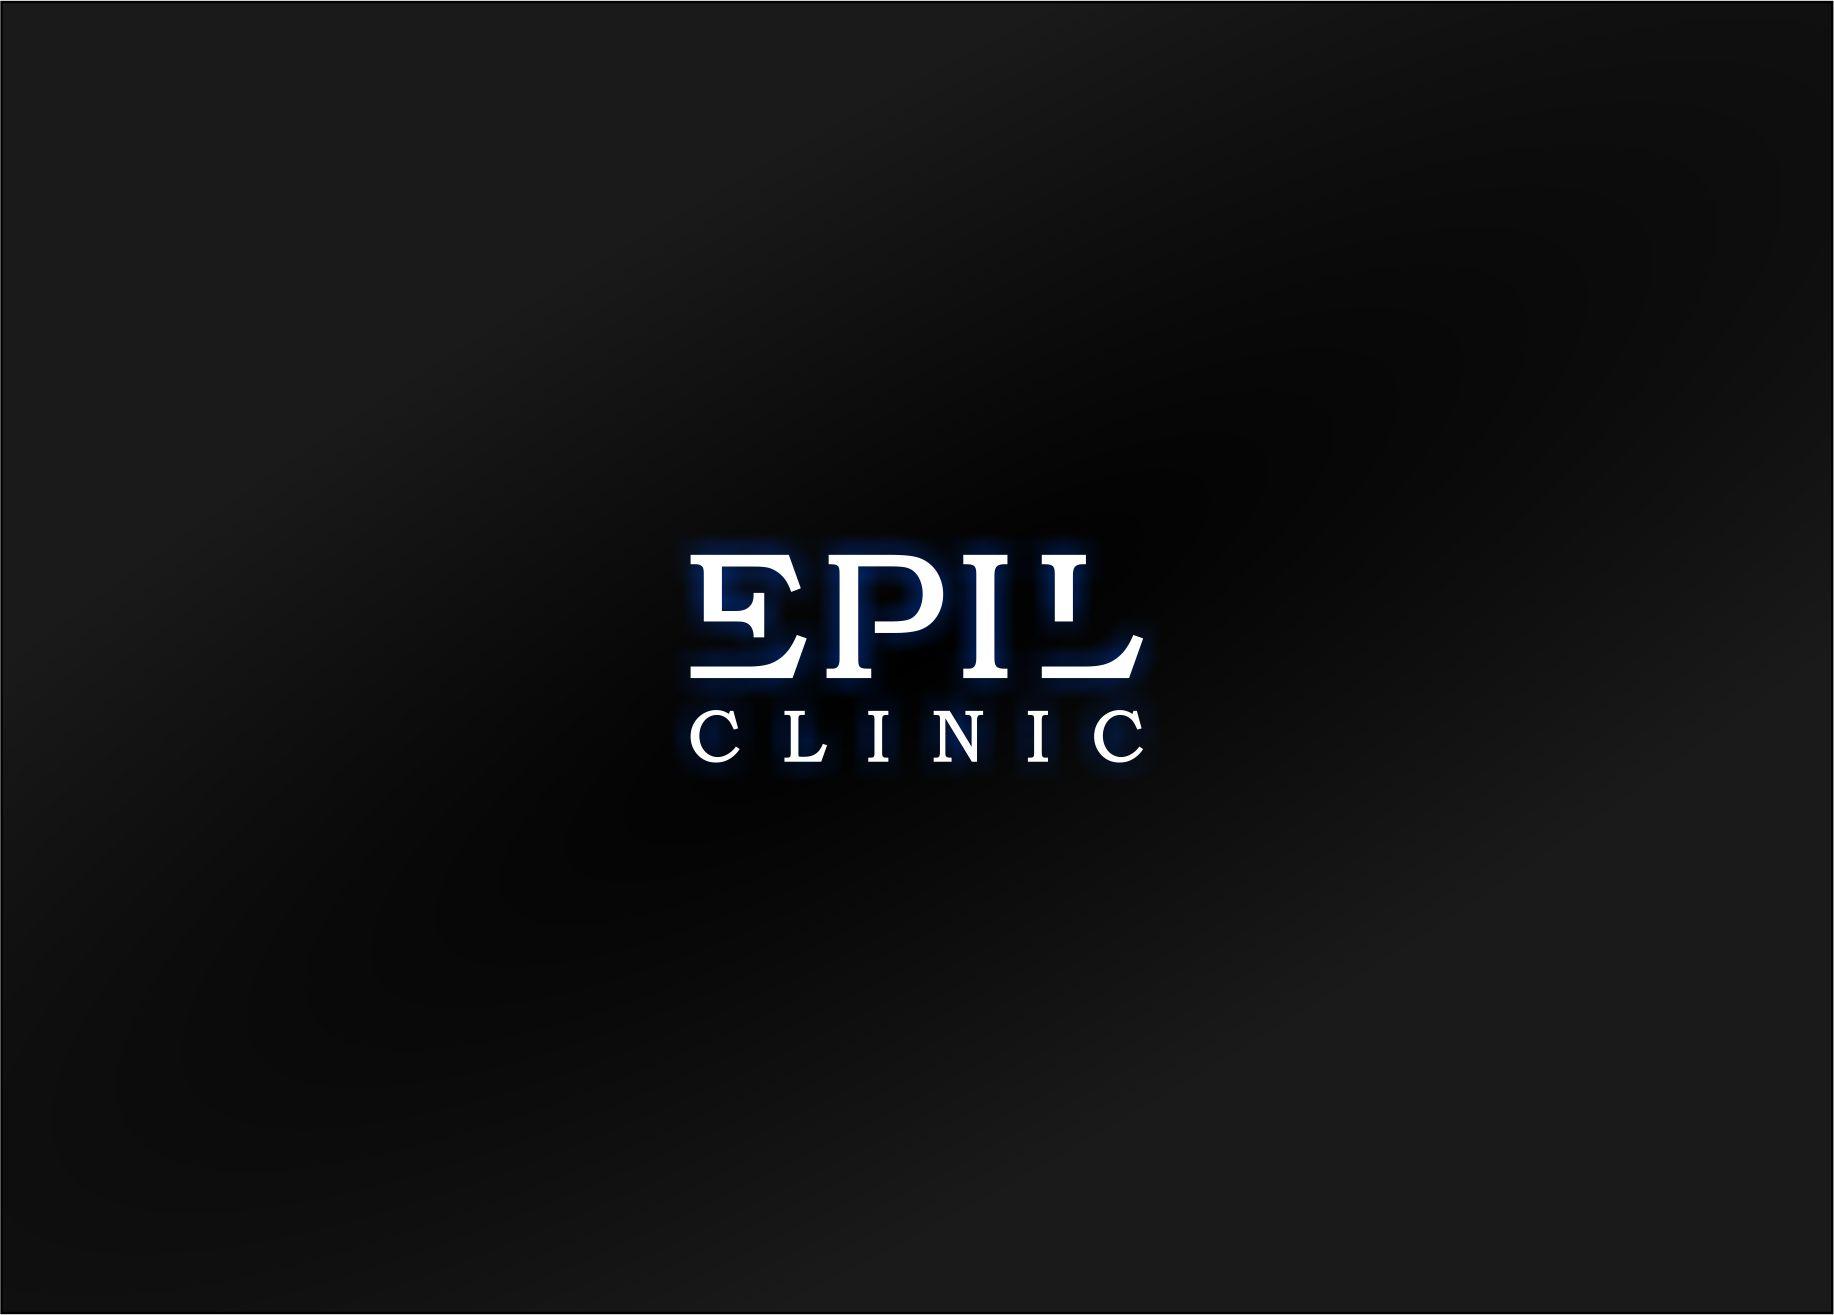 Логотип , фирменный стиль  фото f_5945e18eef83d55a.jpg